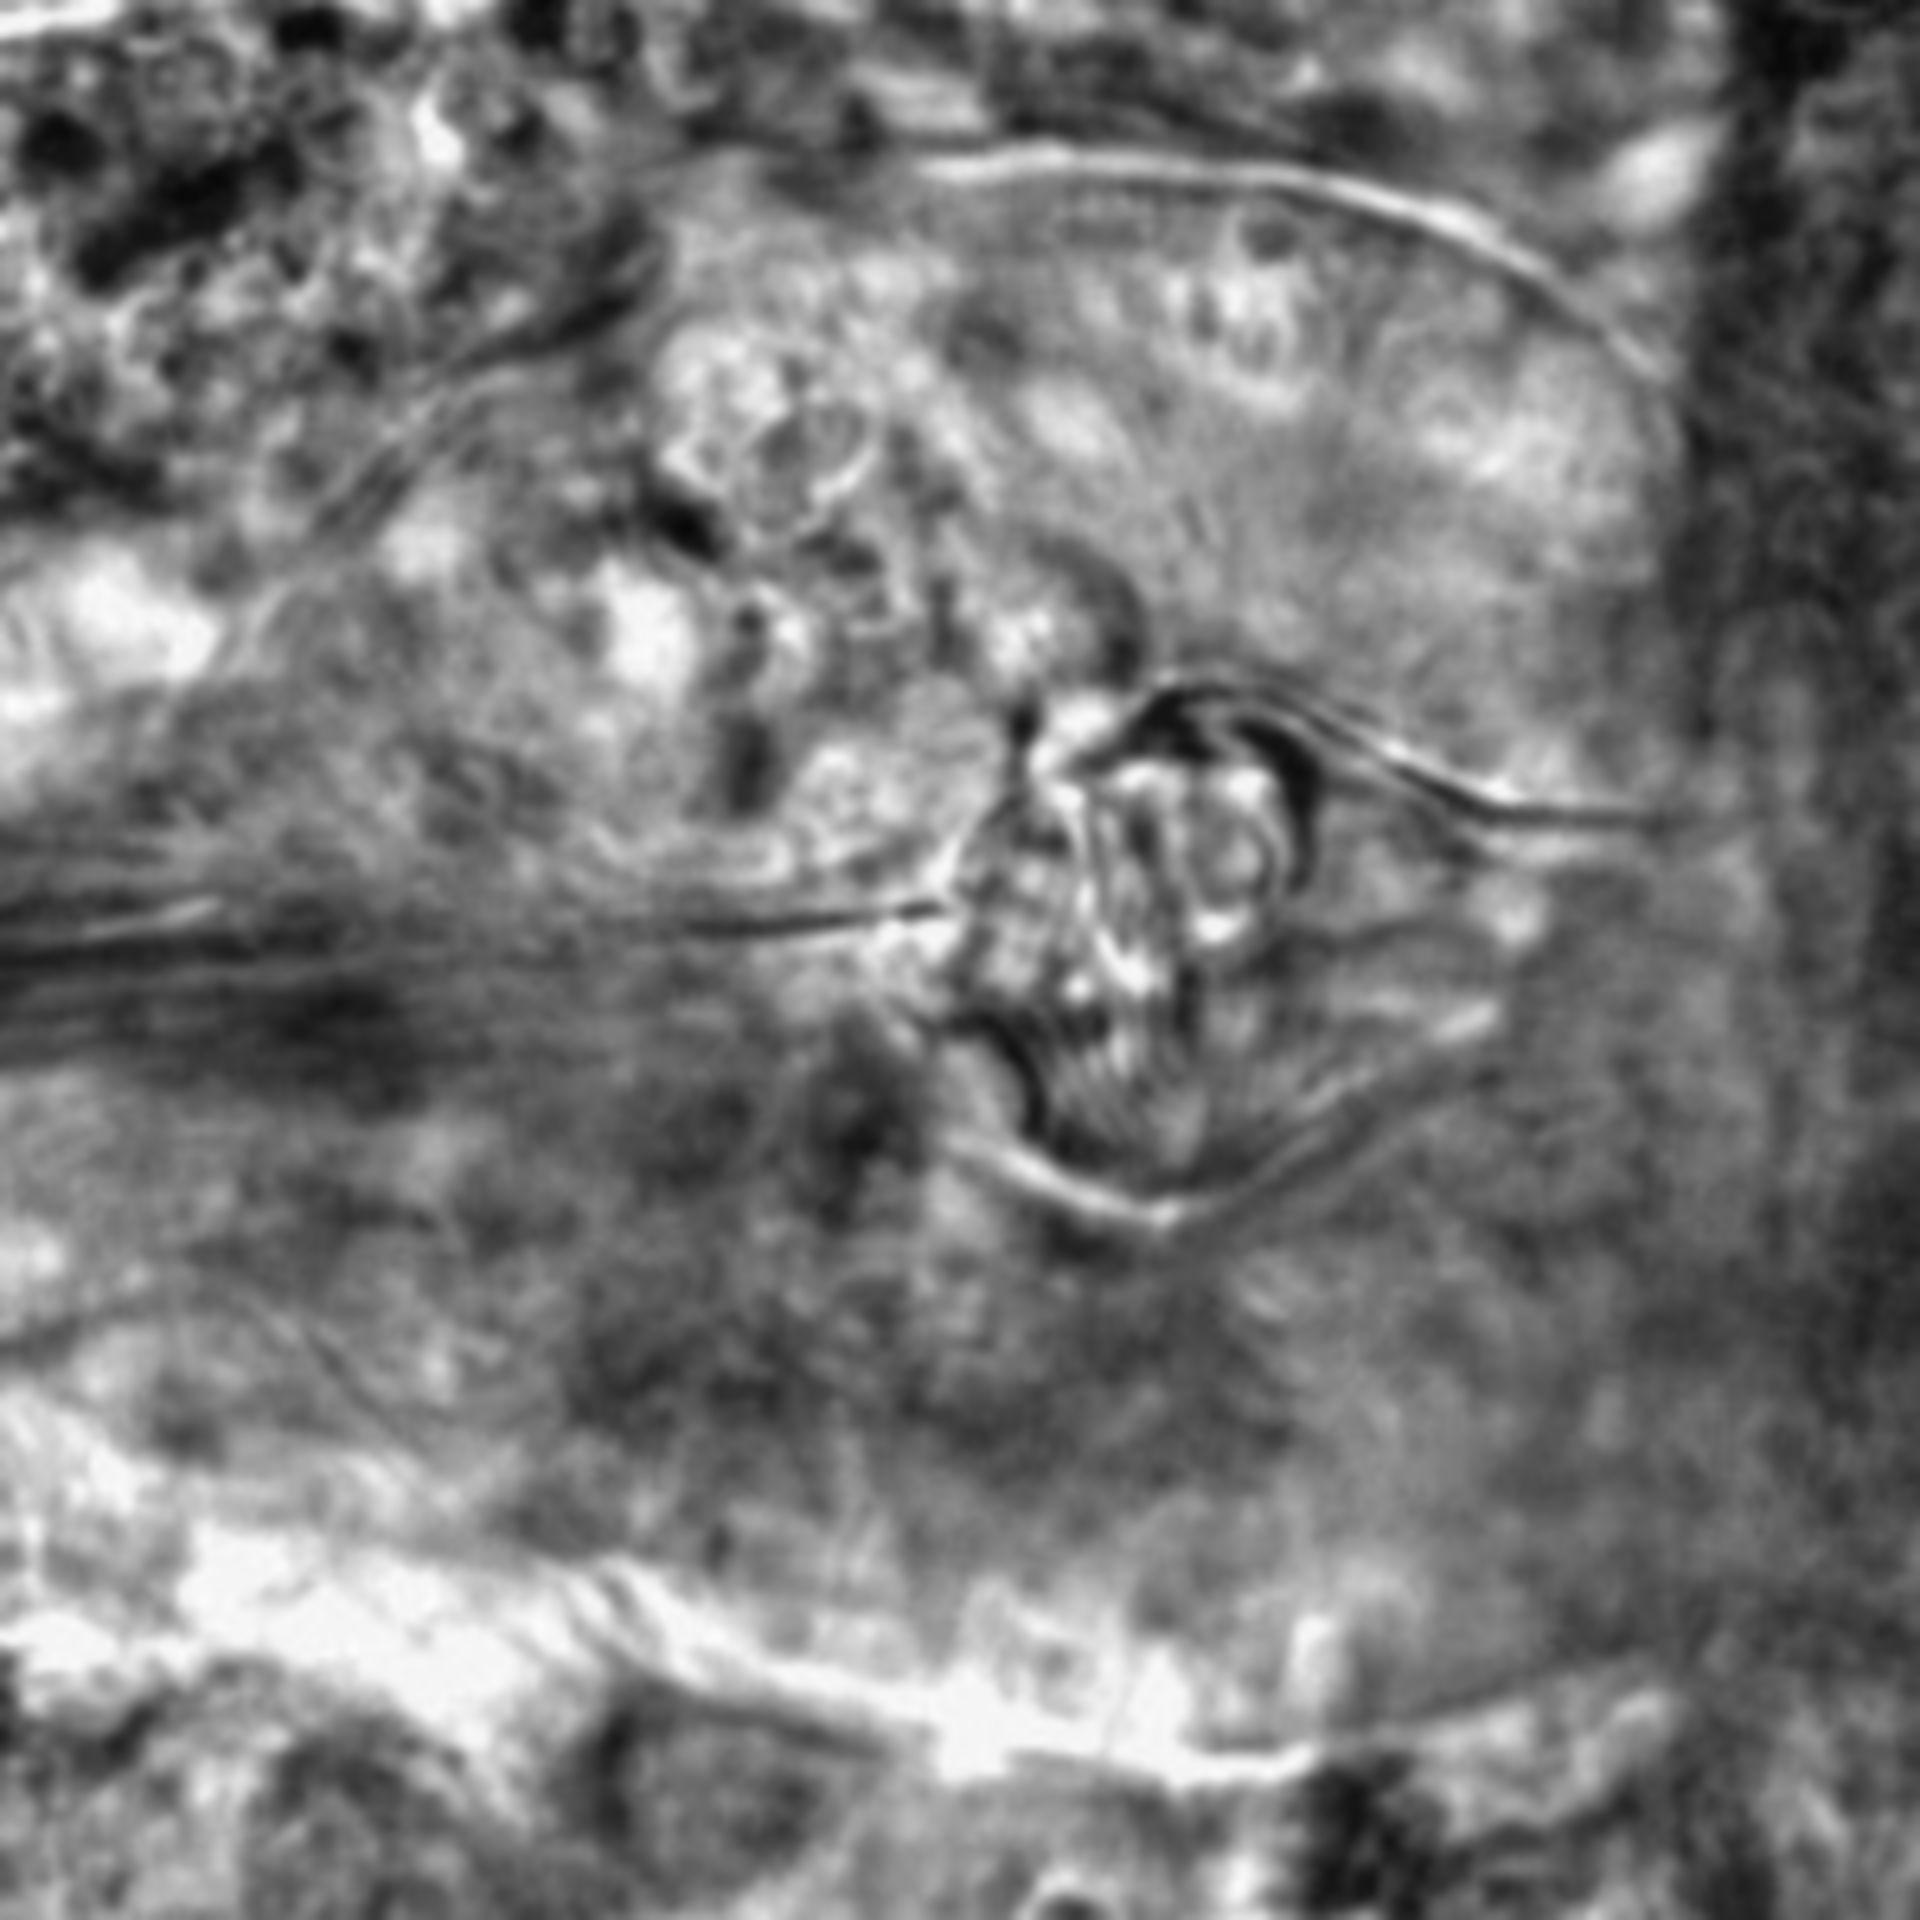 Caenorhabditis elegans - CIL:2816